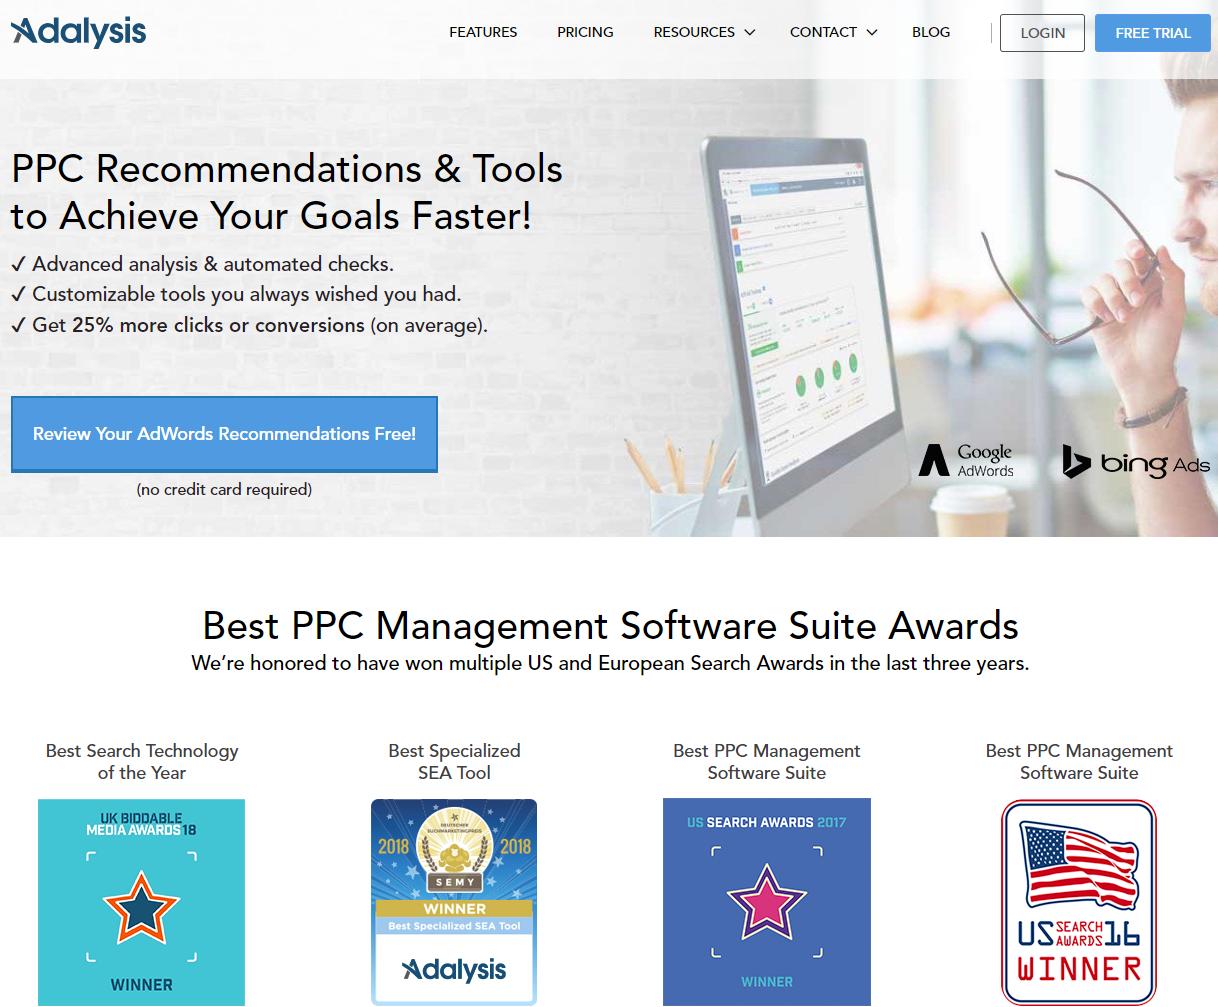 adalysis-ppc-tool